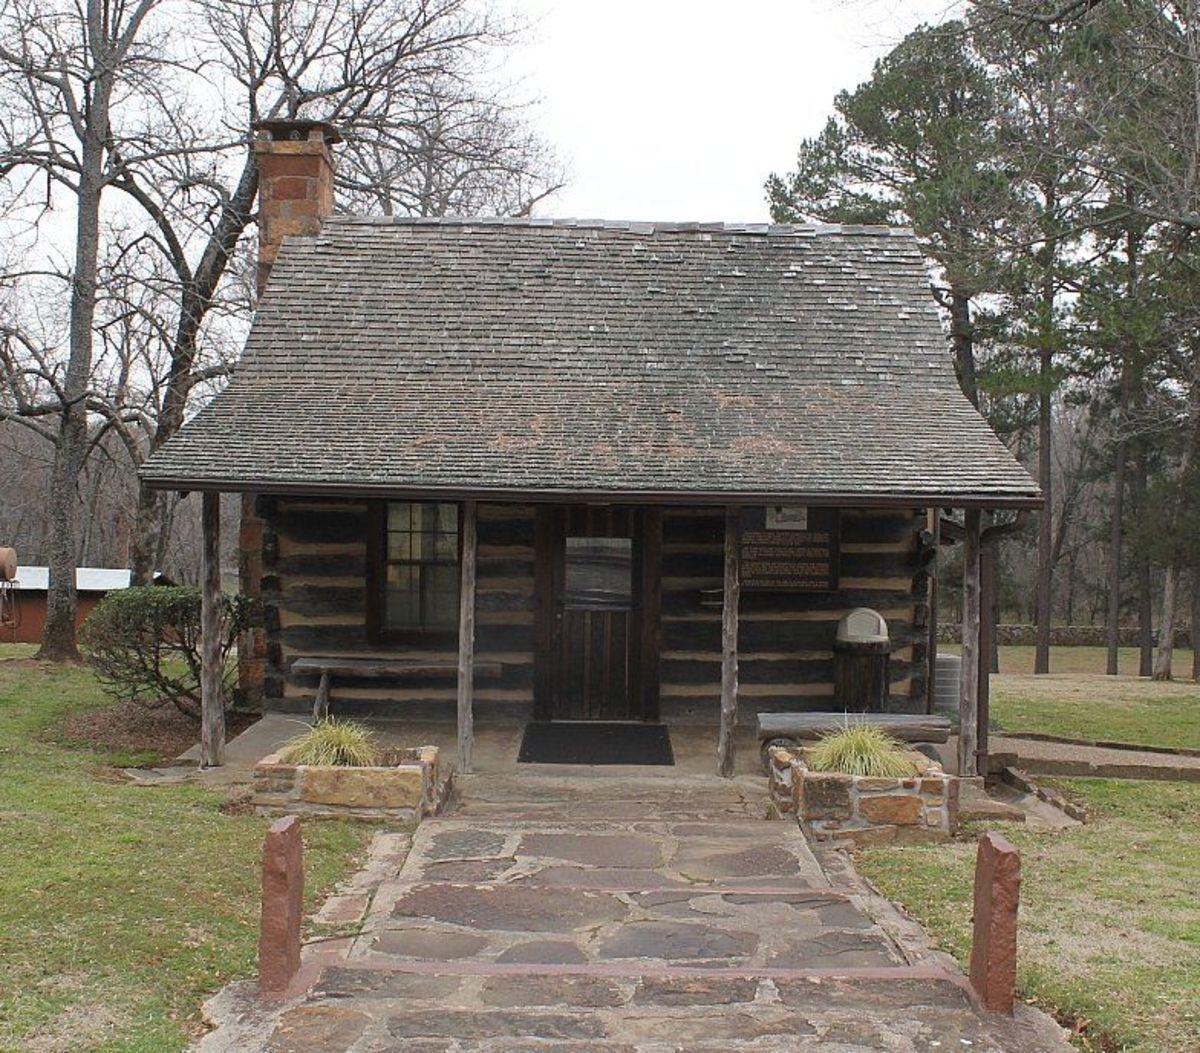 Sequoyah's cabin in Oklahoma